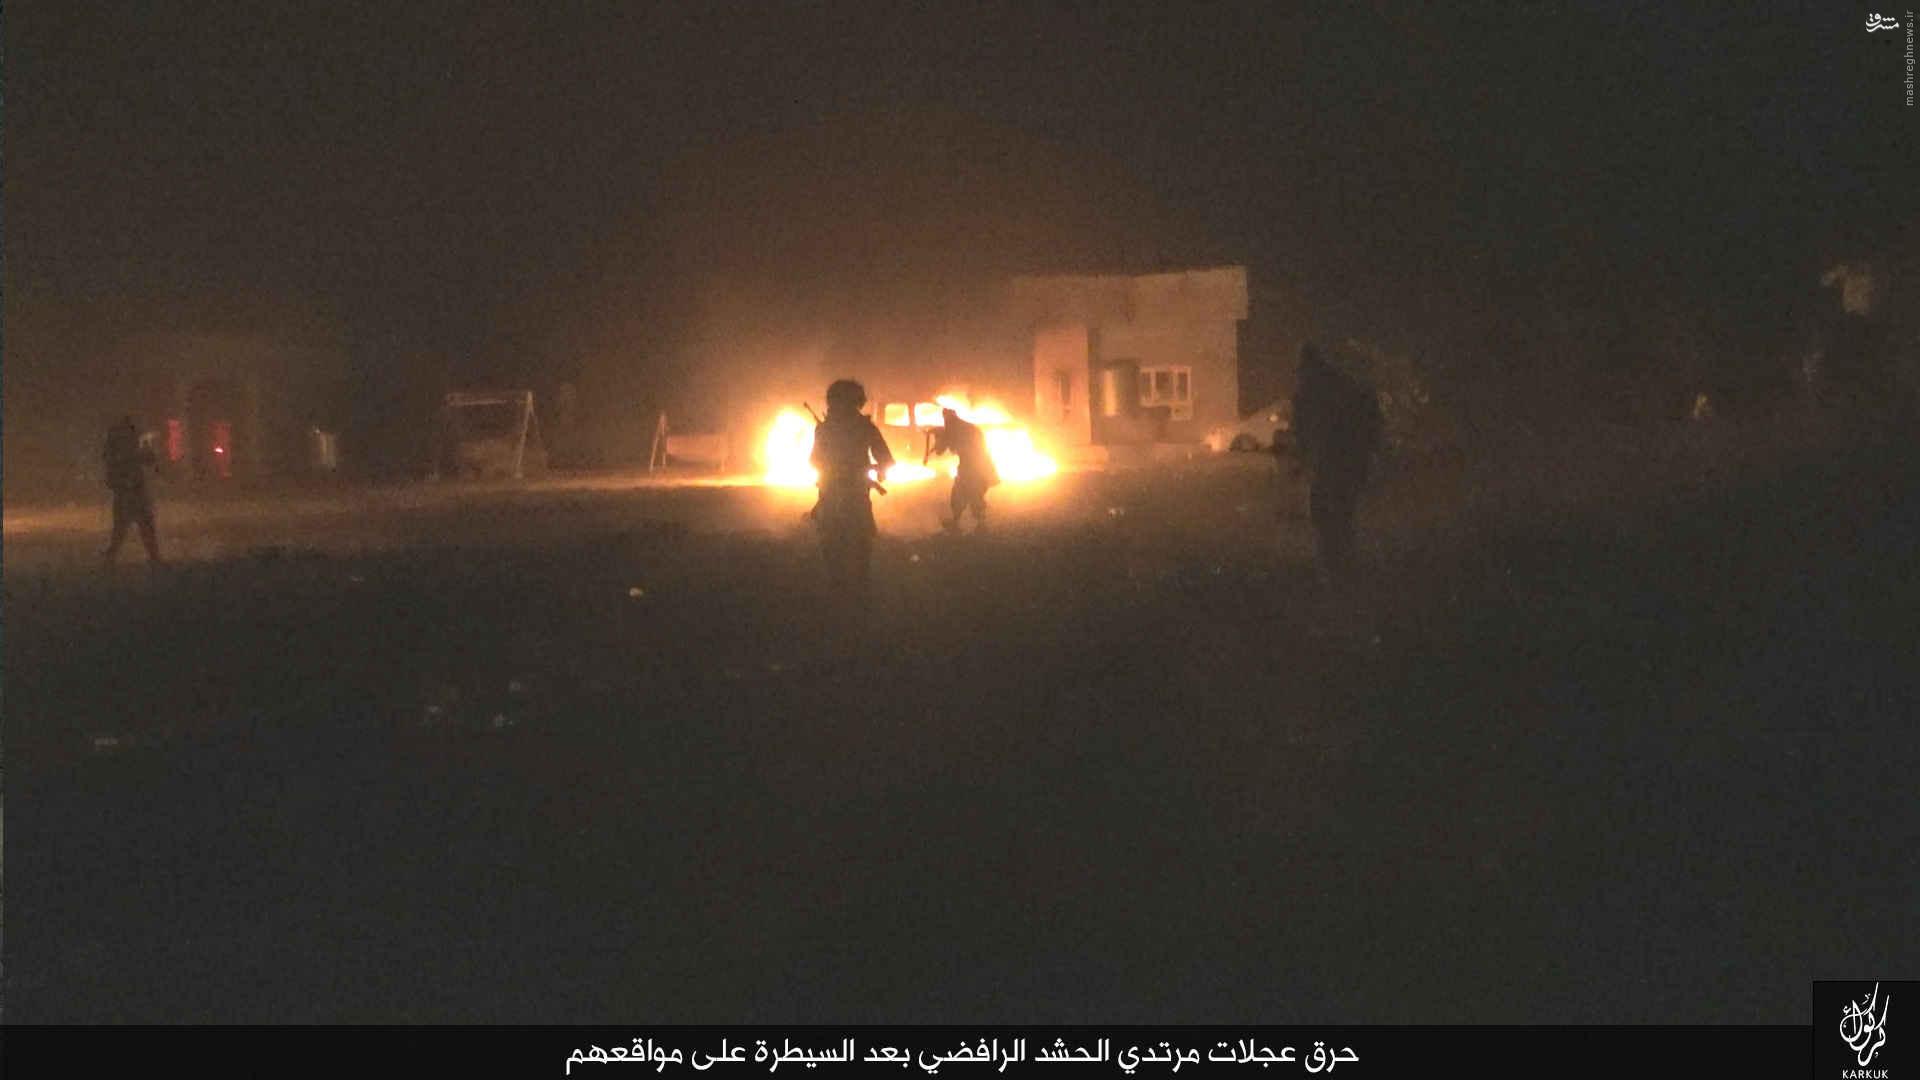 شبیخون داعش به پلیس عراق در طوزخورماتو+عکس